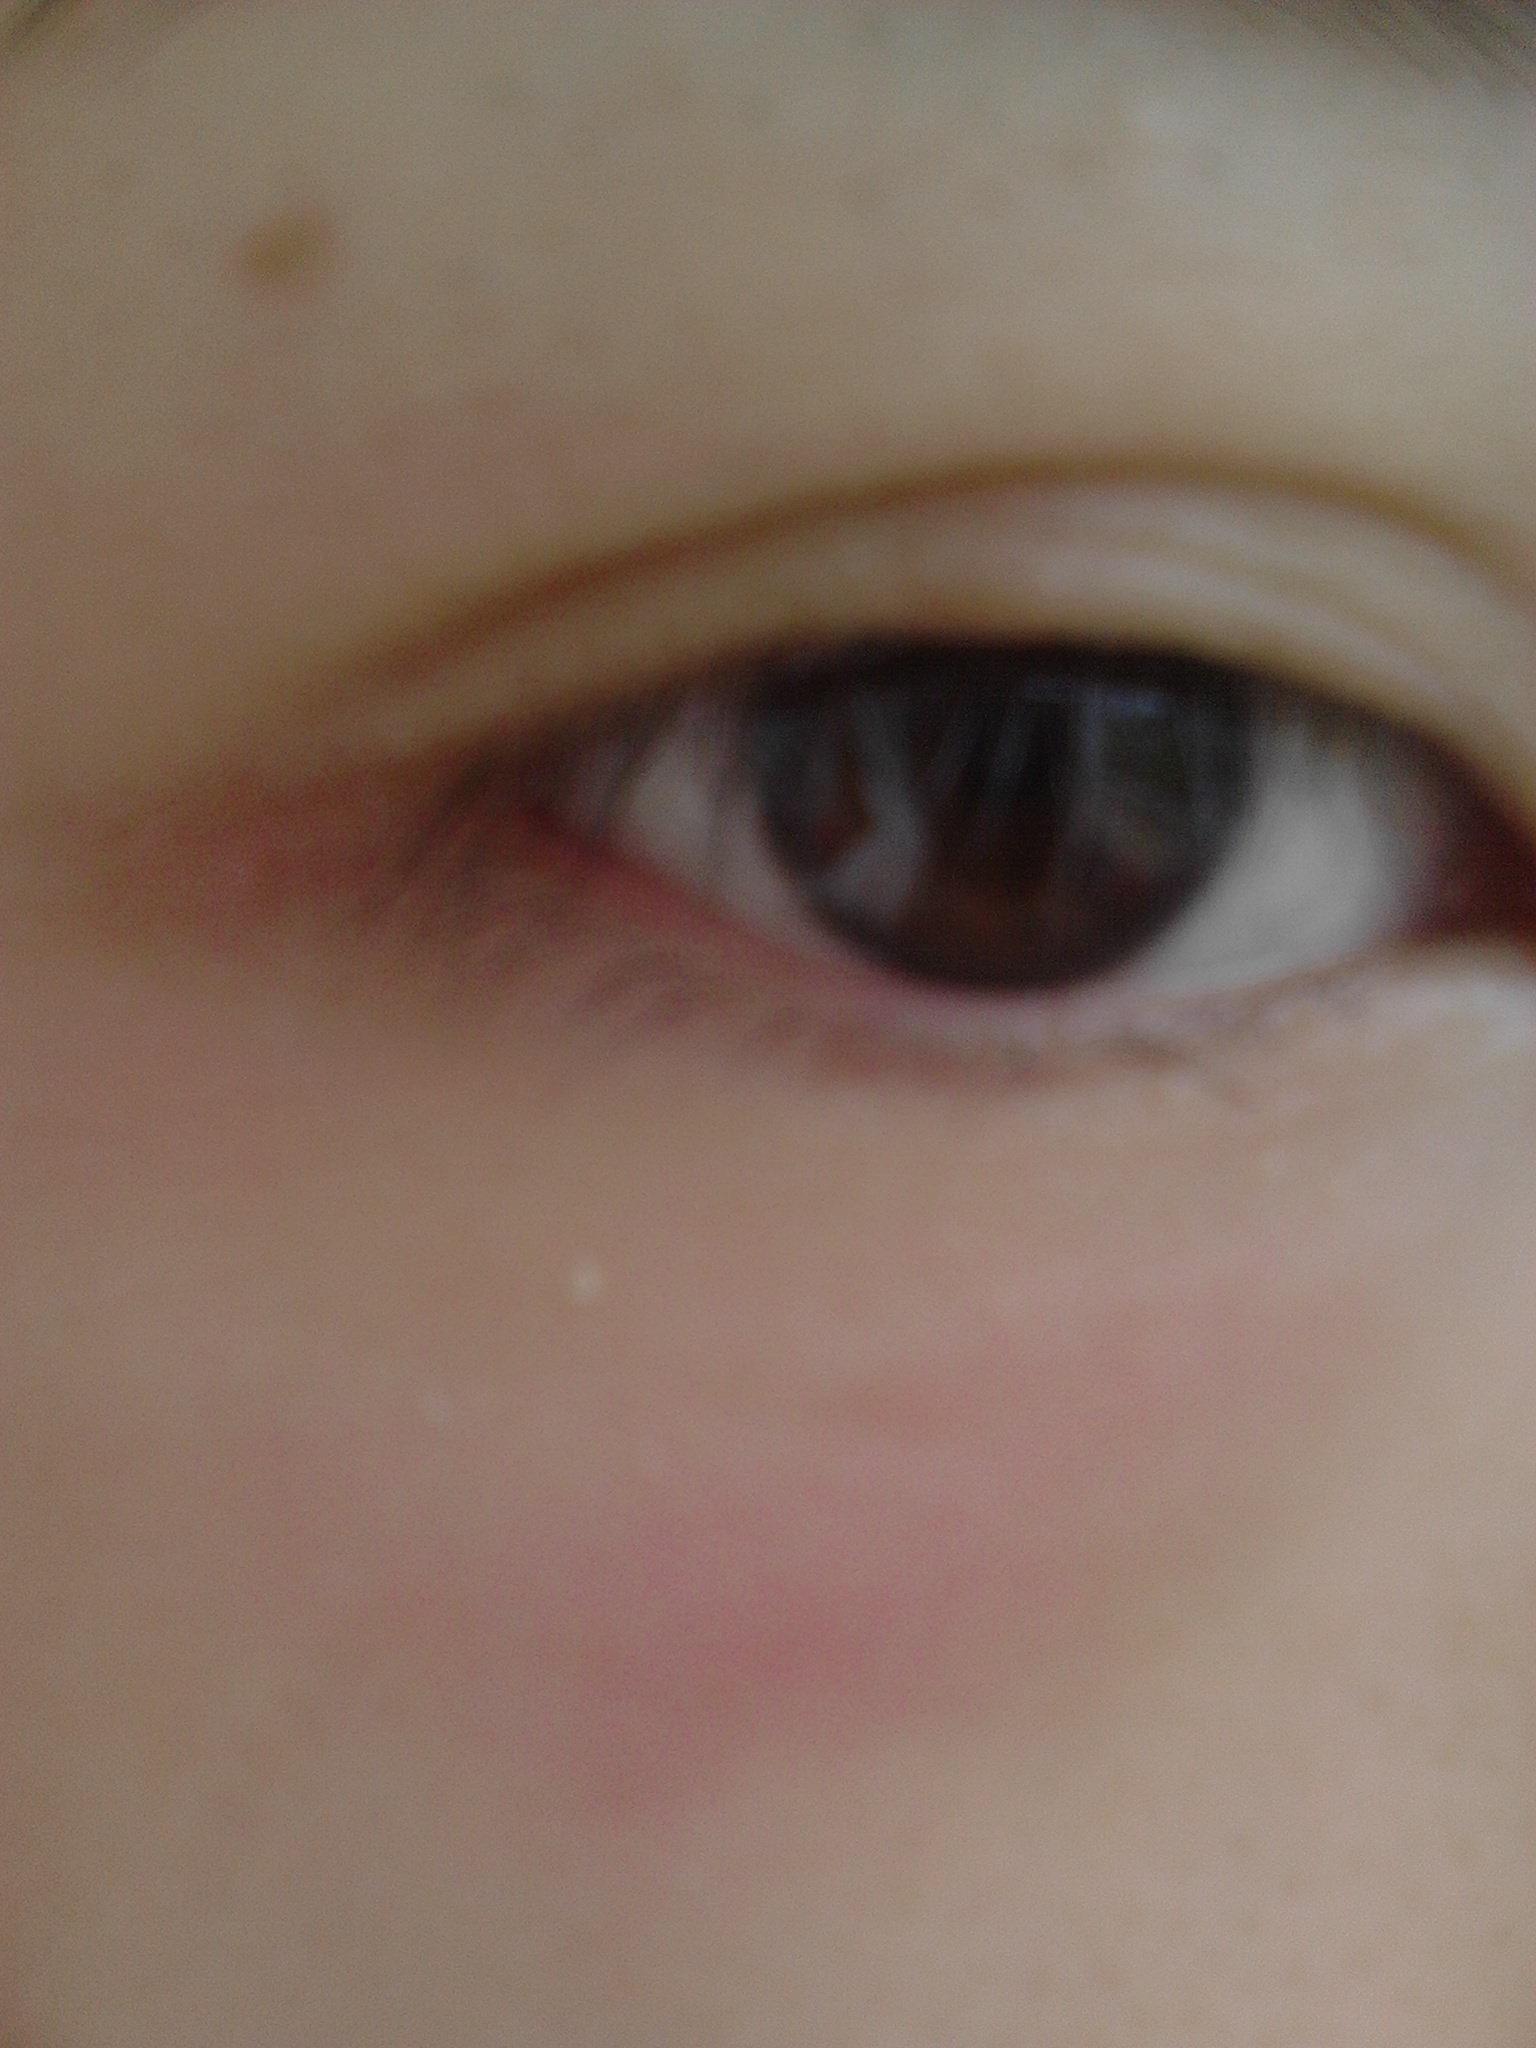 眼部皮肤过敏_皮肤过敏搽什么-皮肤过敏涂什么药膏-皮肤过敏可以用冰敷吗 ...